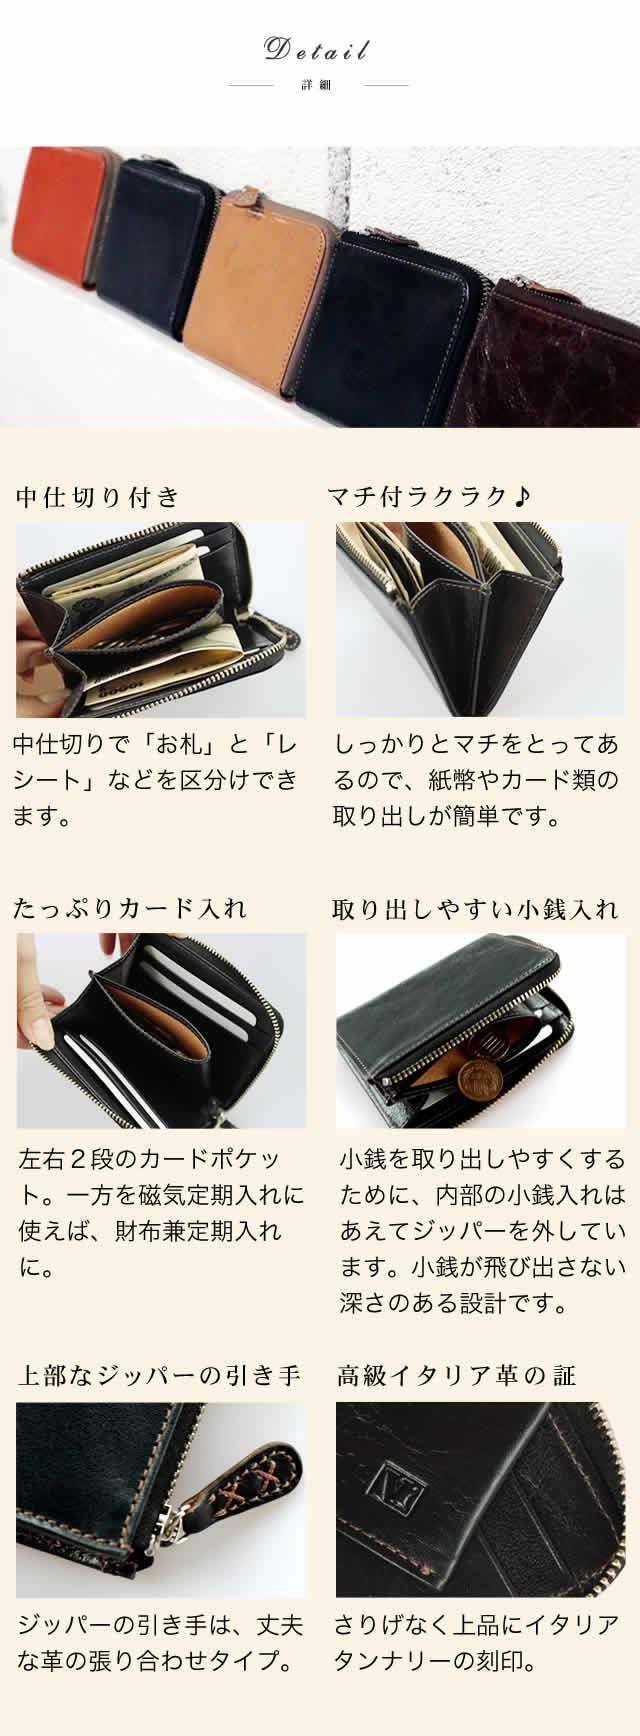 財布の詳細説明